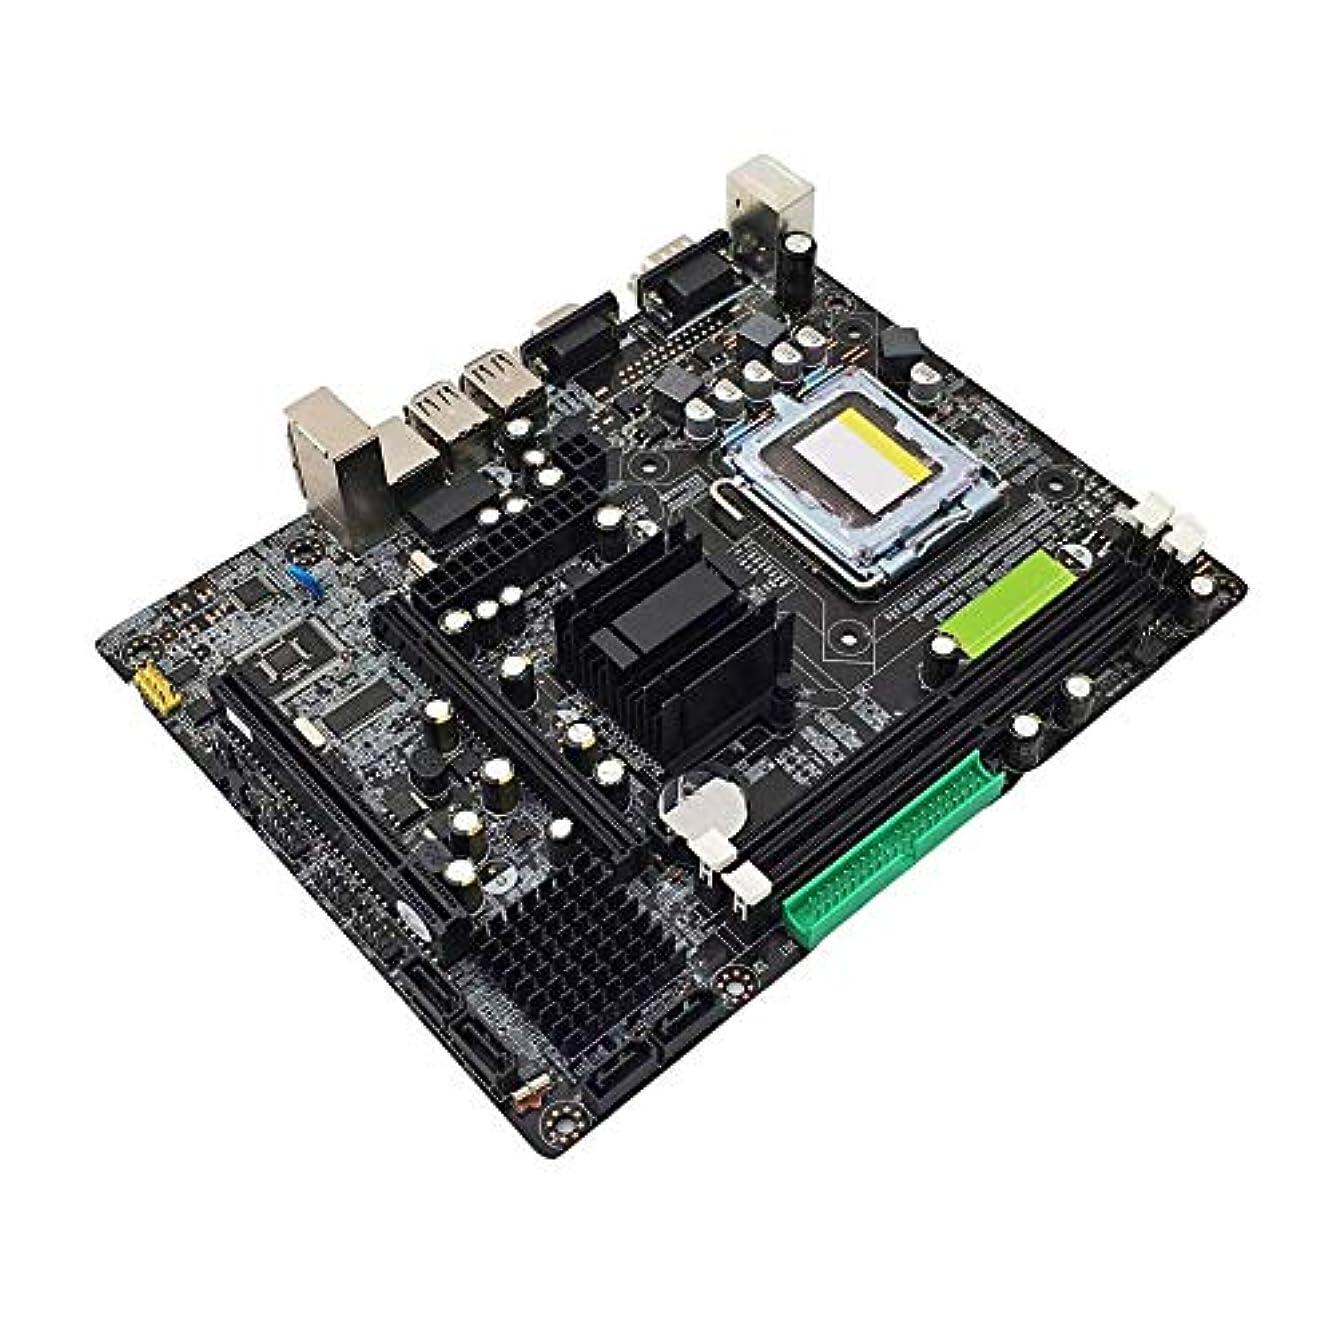 動再現する以降945 マザーボード 945GC+ICH チップセット LGA 775 デュアルチャンネル DDR2 メモリメインボード G31の交換用